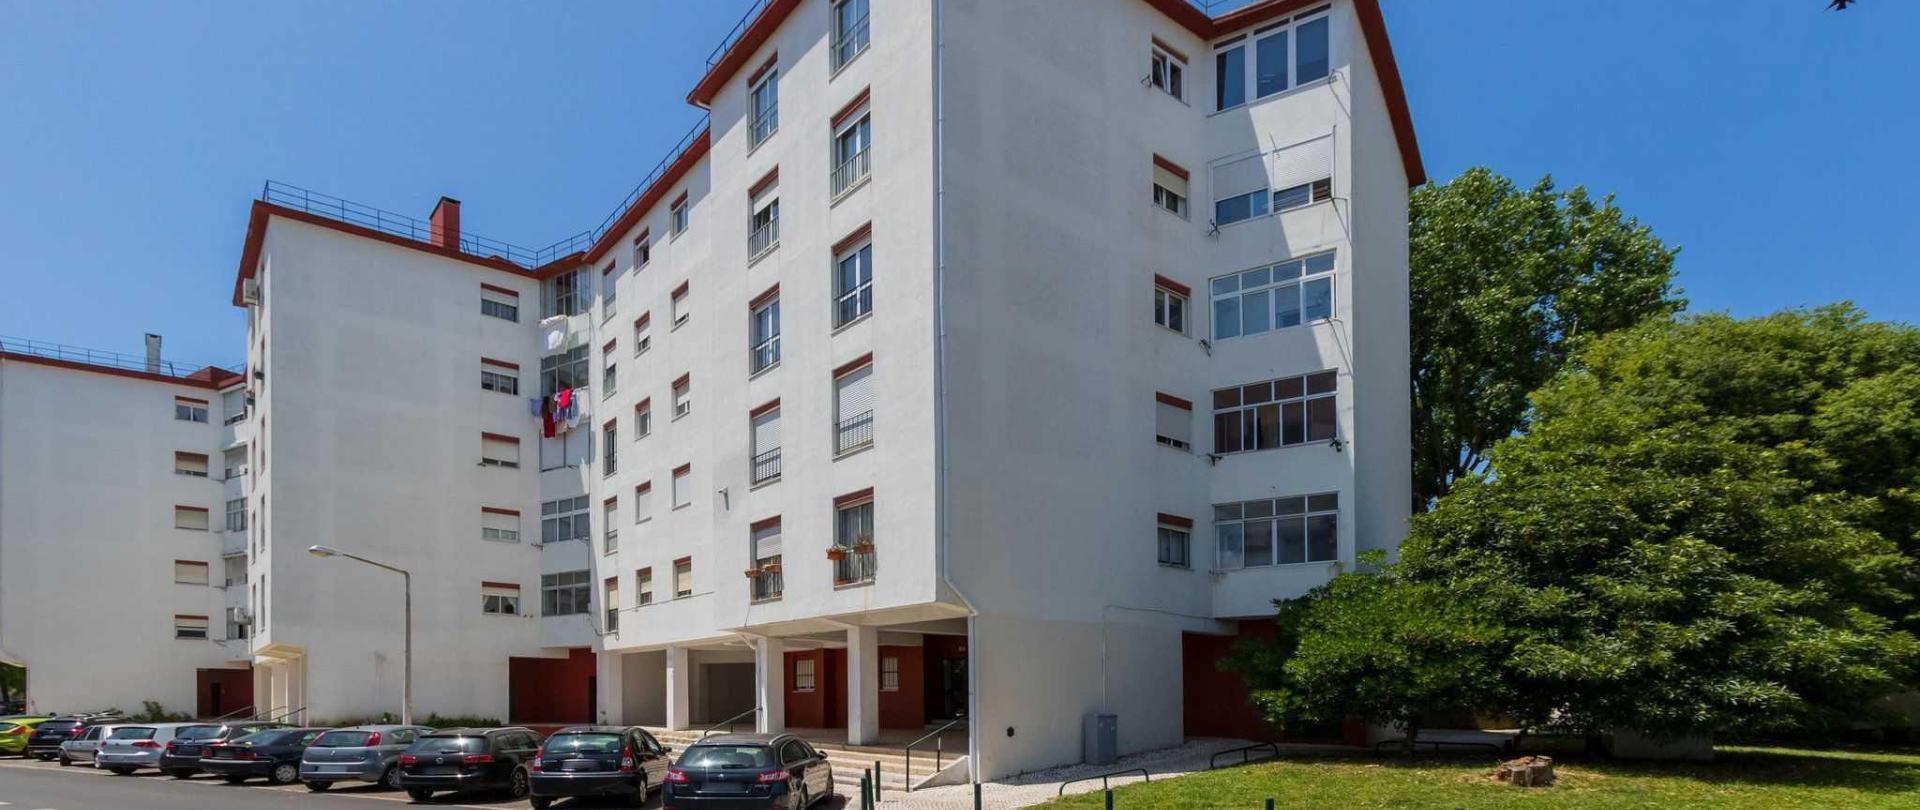 lisbon-airport-hostel_street-1.jpg